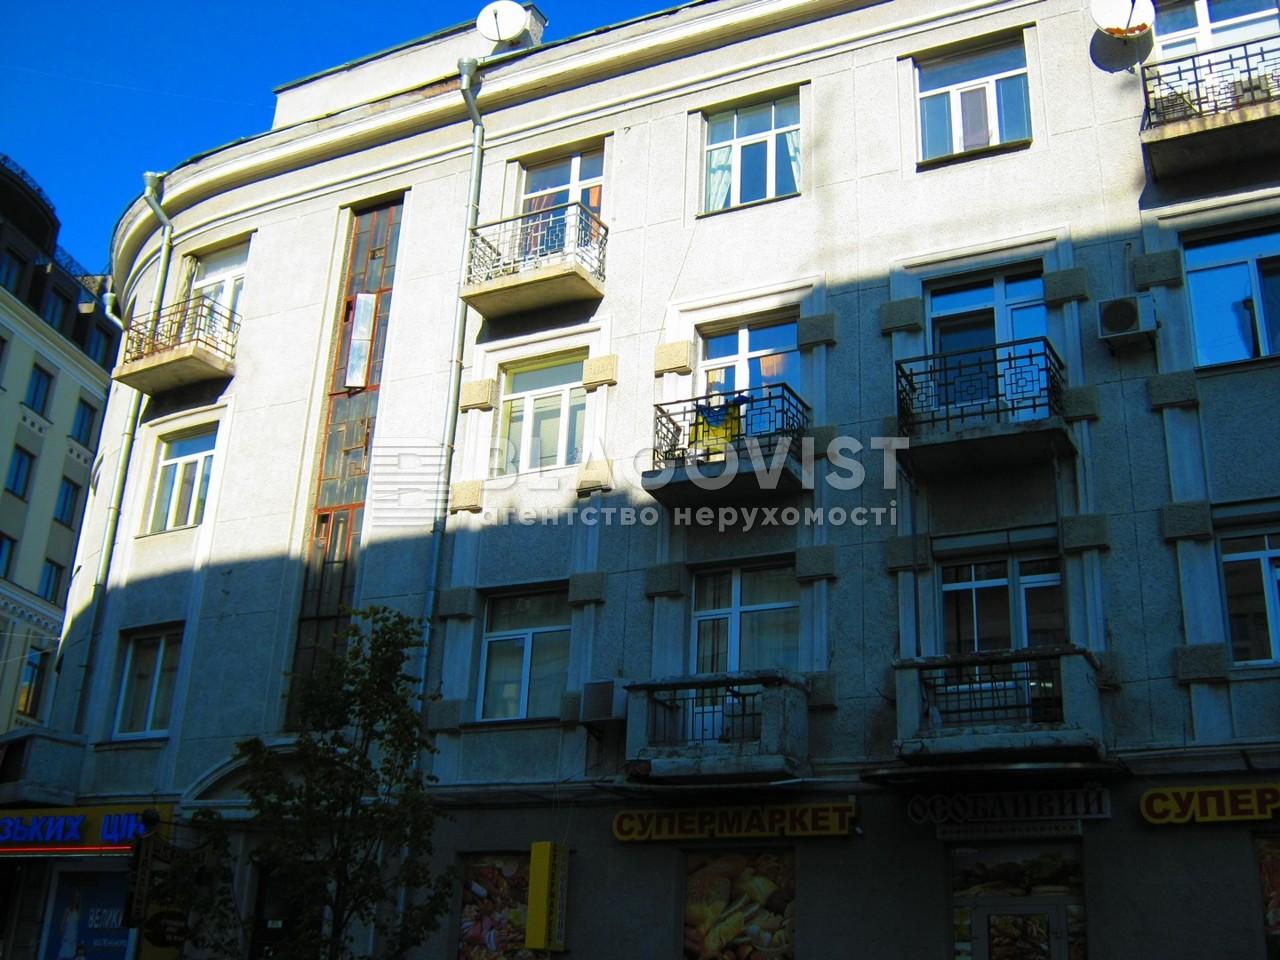 Квартира M-39416, Ярославов Вал, 20, Киев - Фото 2